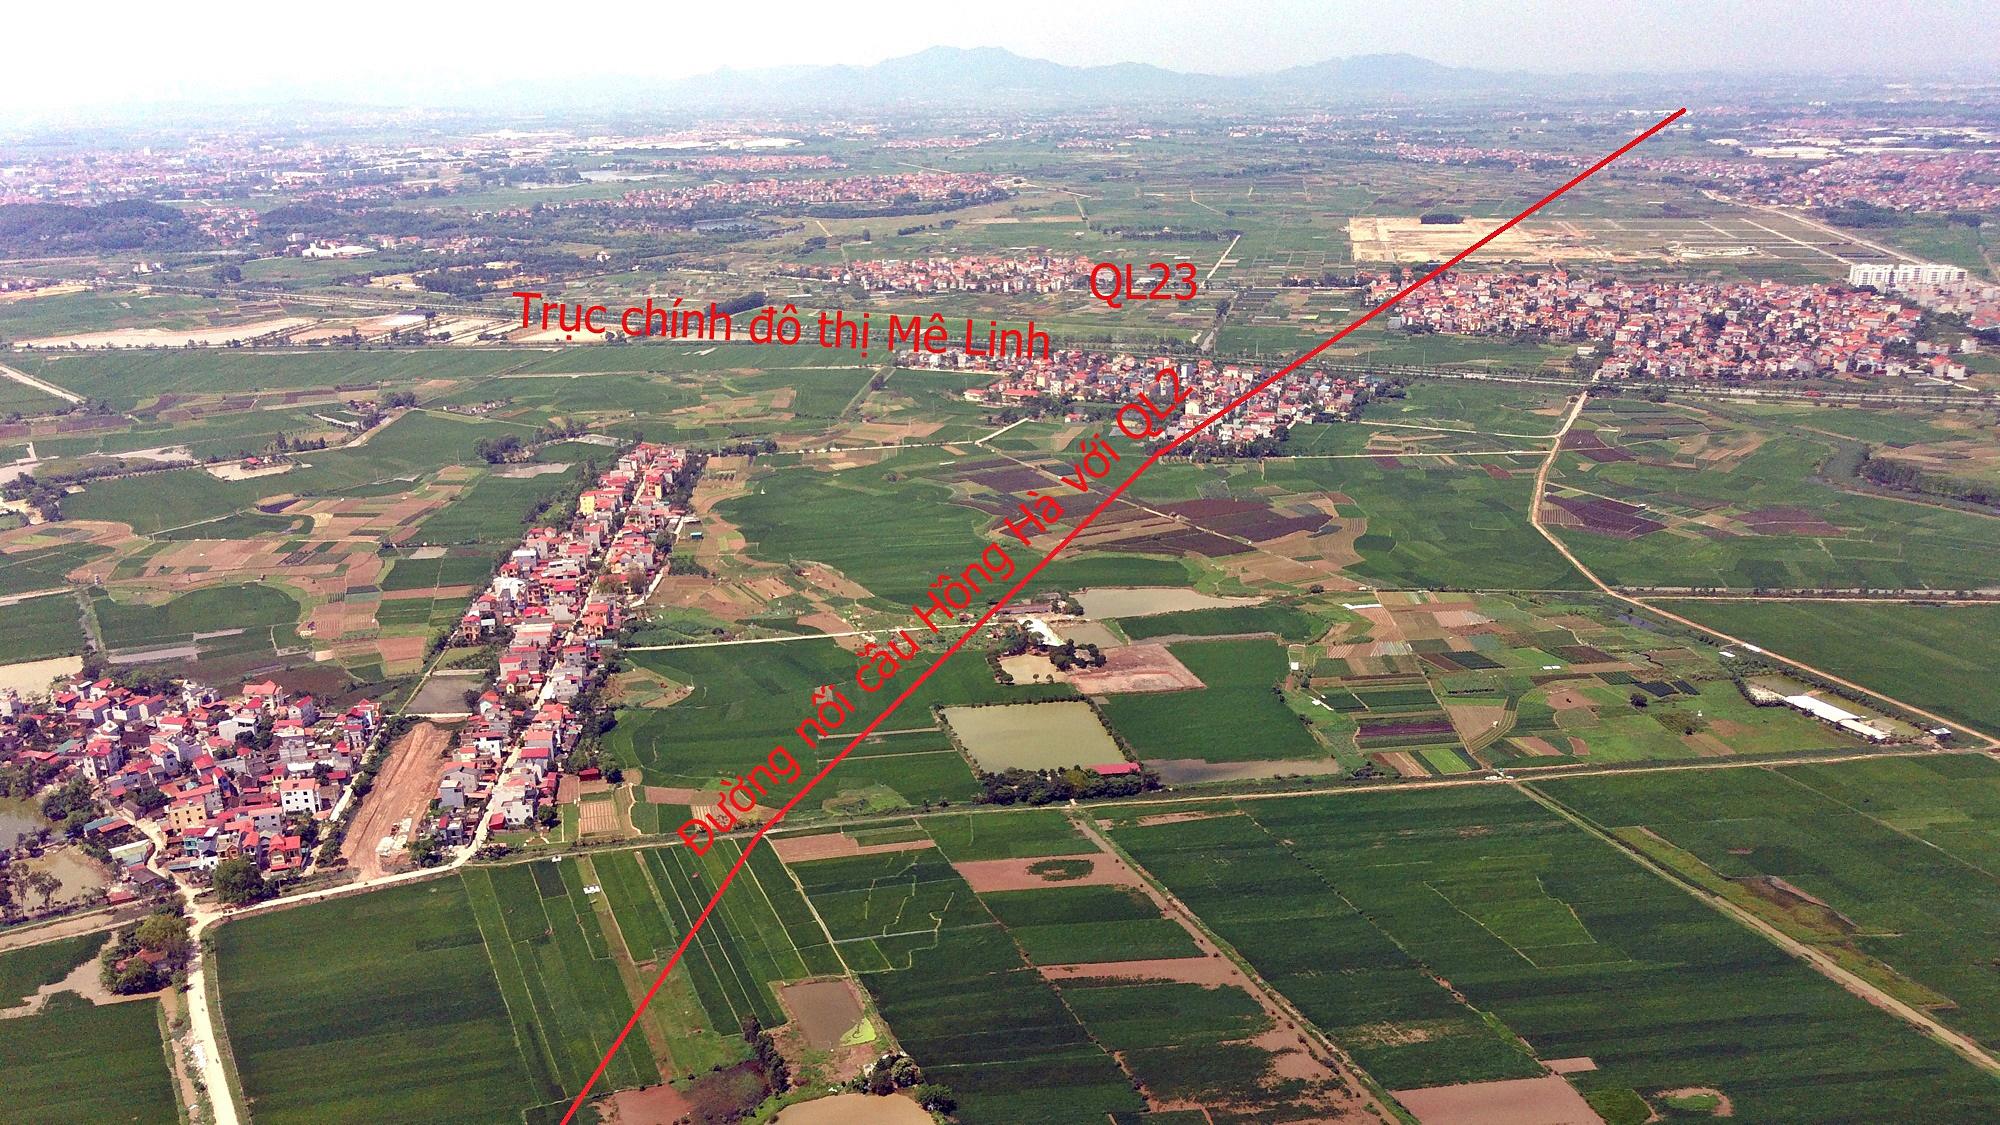 Cầu sẽ mở theo qui hoạch ở Hà Nội: Toàn cảnh vị trí làm cầu Hồng Hà nối Đan Phượng với Mê Linh - Ảnh 11.